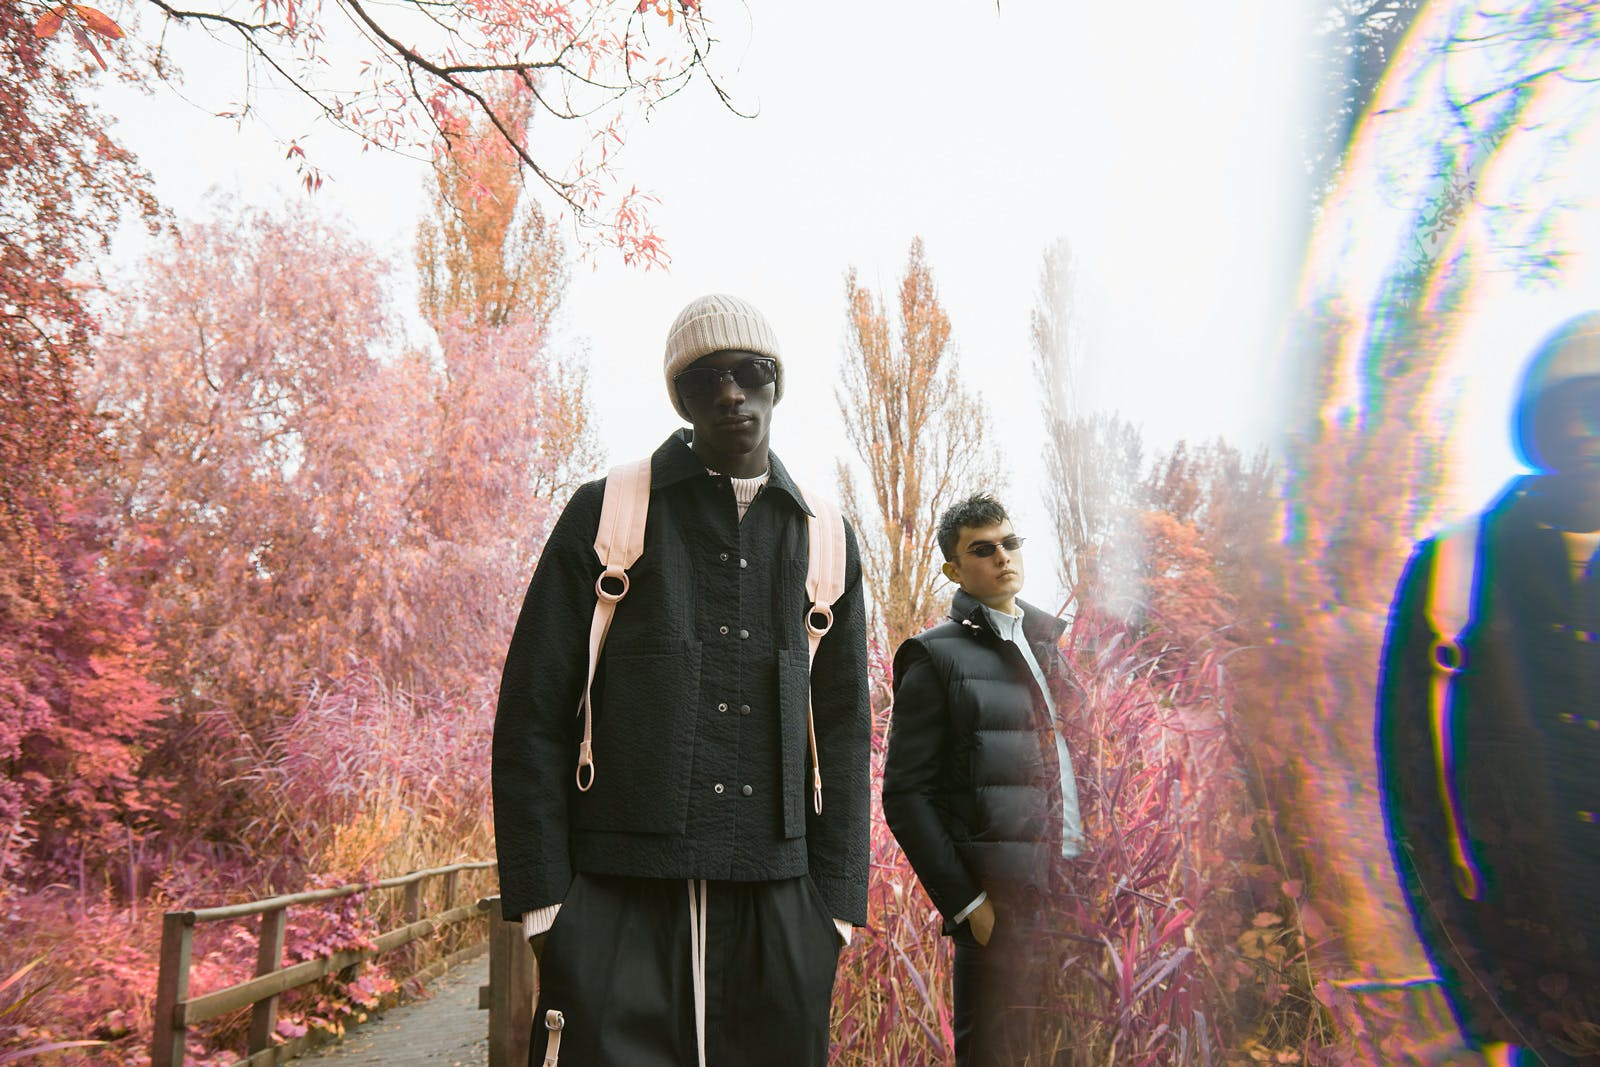 On A Trip END. AW19 Editorial .03 - Models wear Maison Margiela, Rick Owens, 1017 ALYX 9SM, Acne Studios